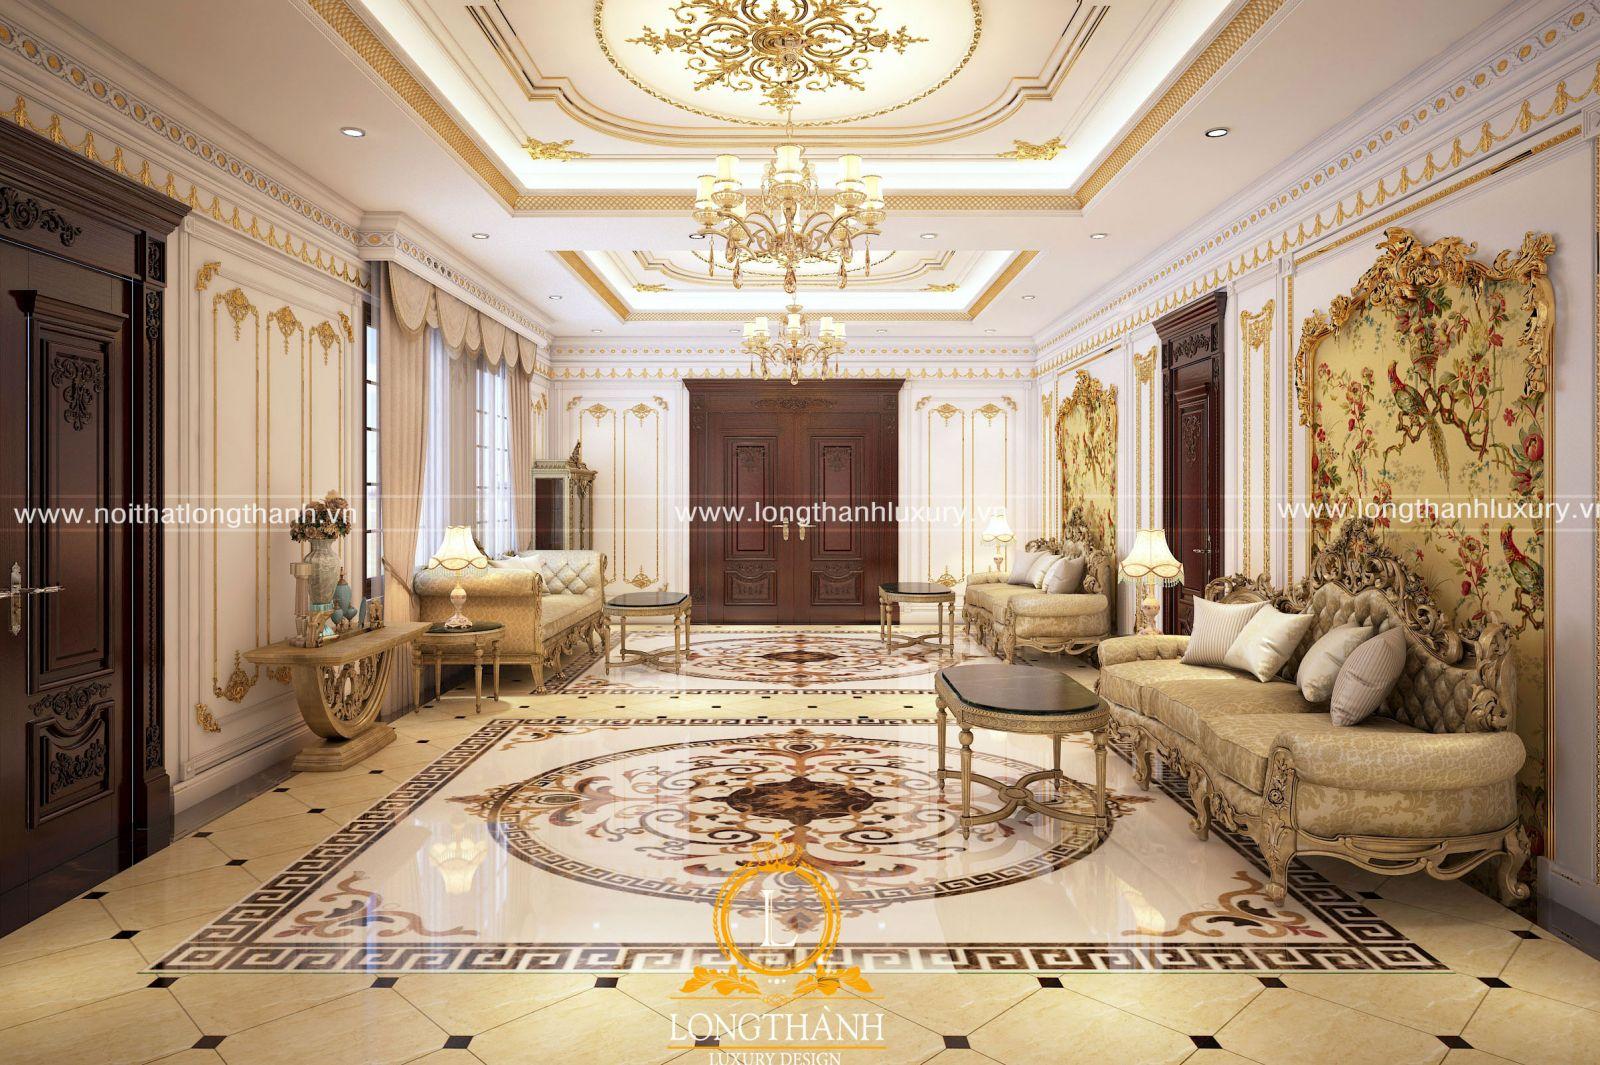 Nội thất dát vàng cho phòng khách cổ điển